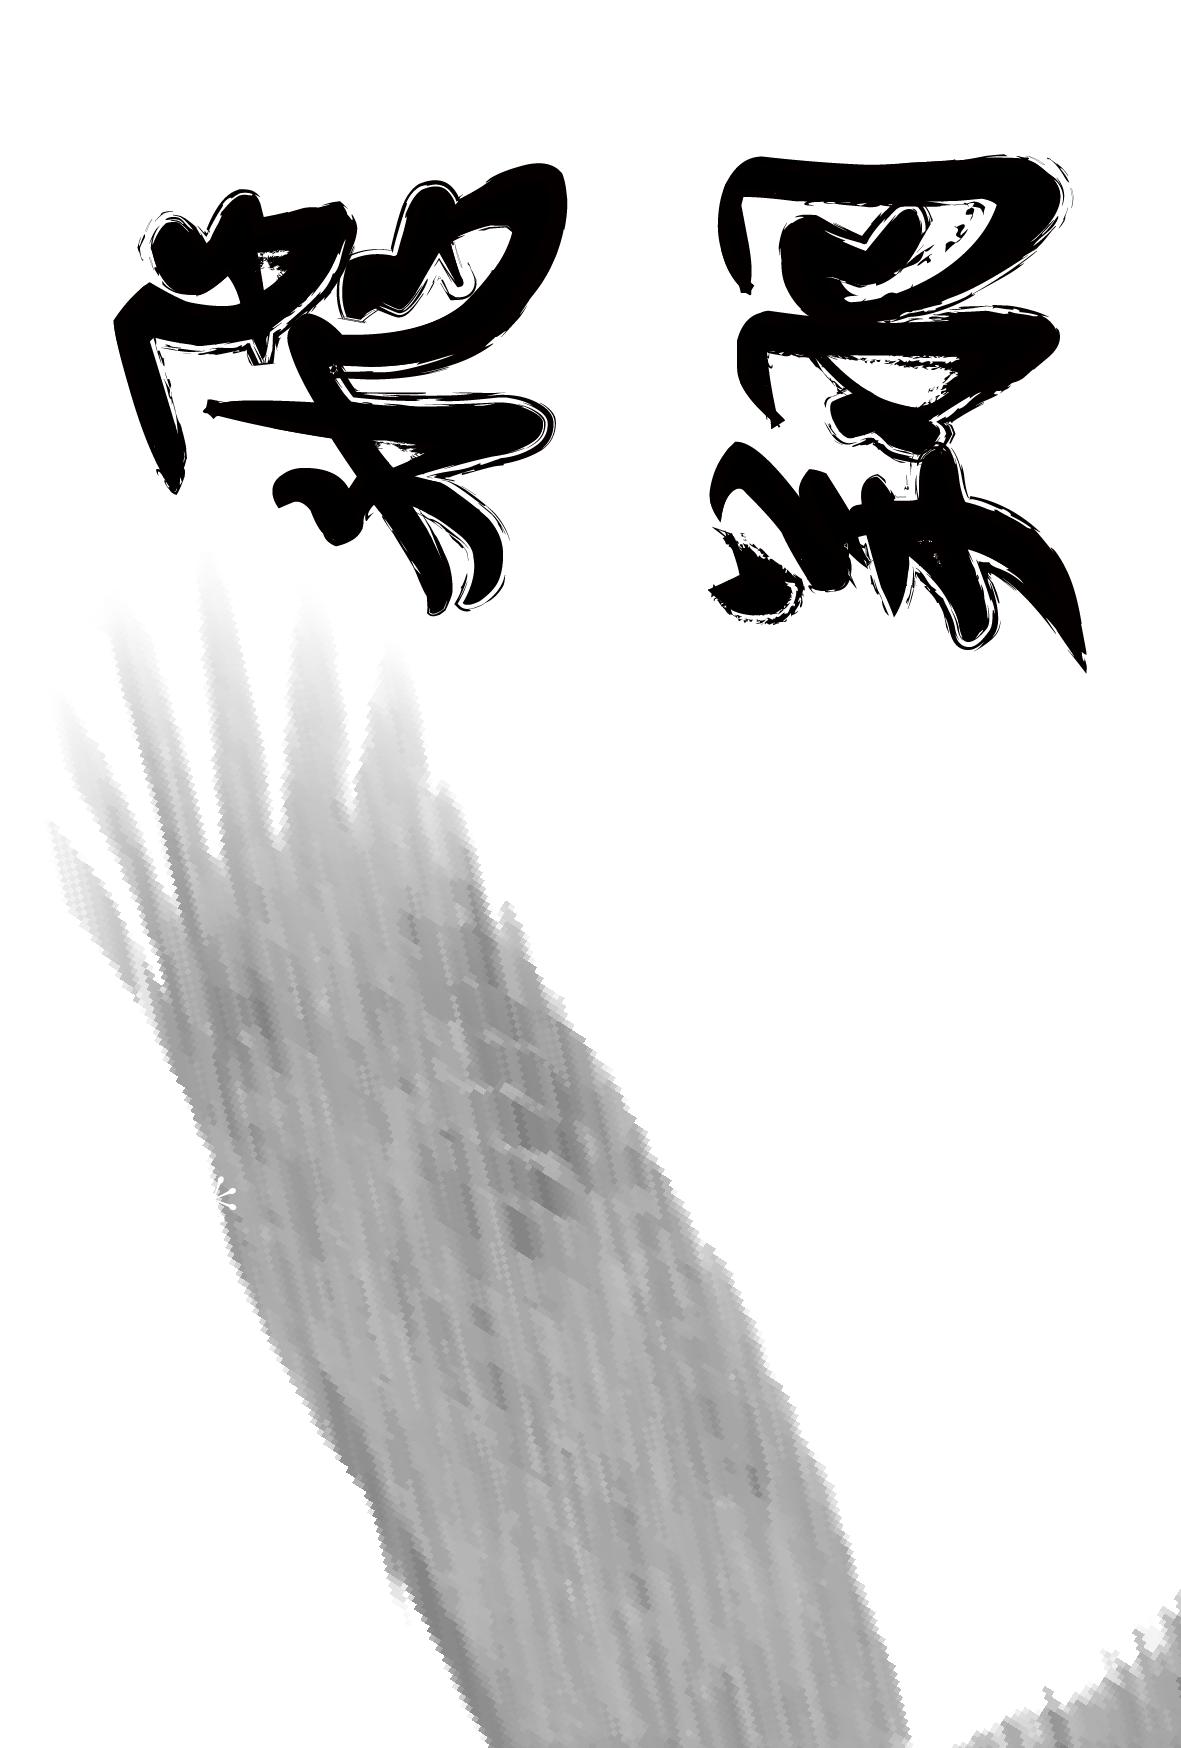 「飛翔」と翼のイラストいり(文字なし)